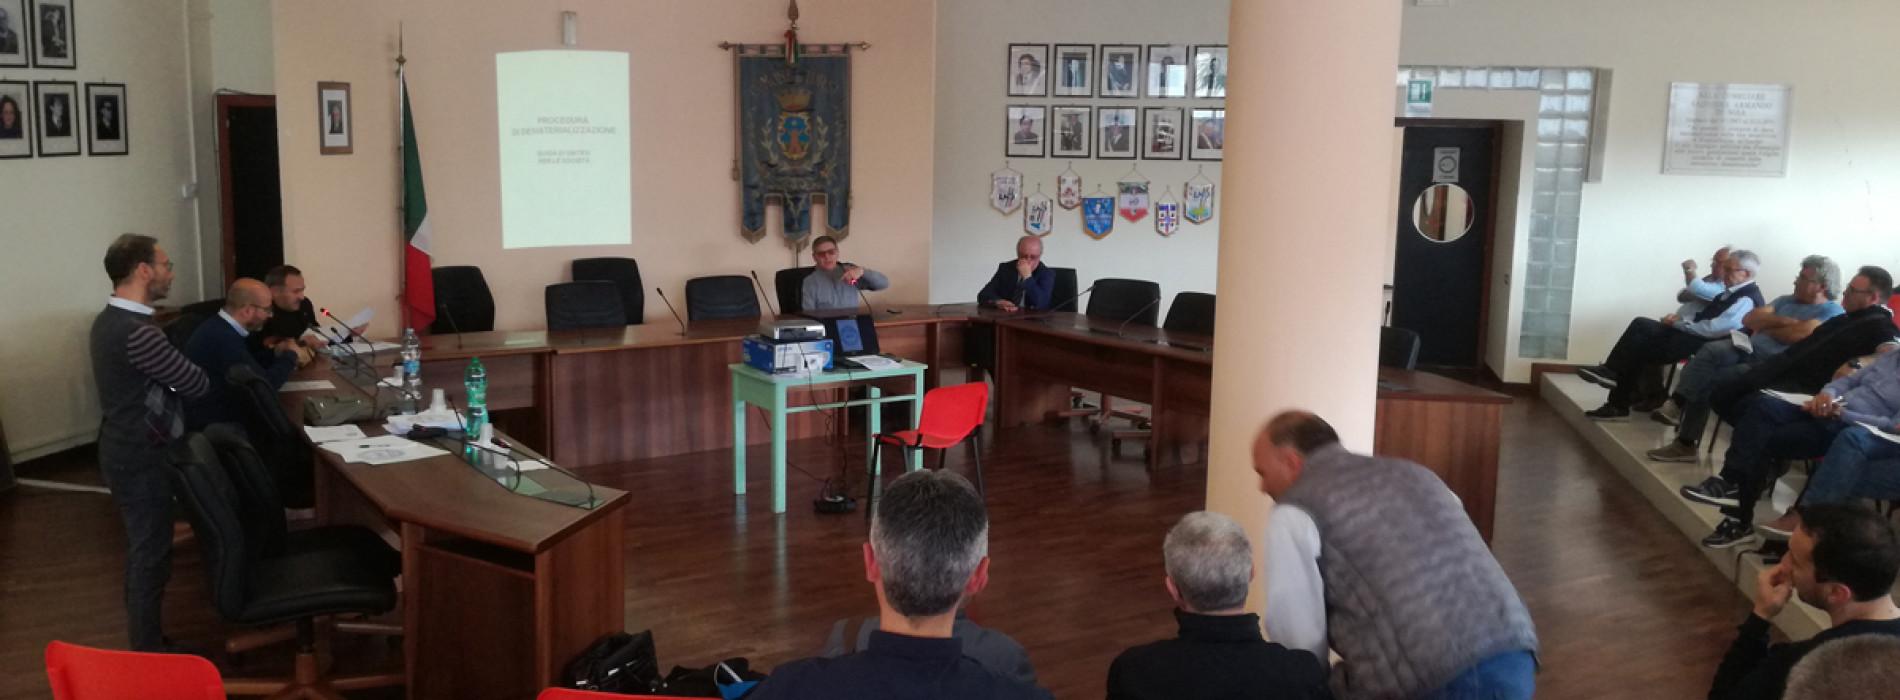 Dematerializzazione: a Tursi il primo corso per le Società